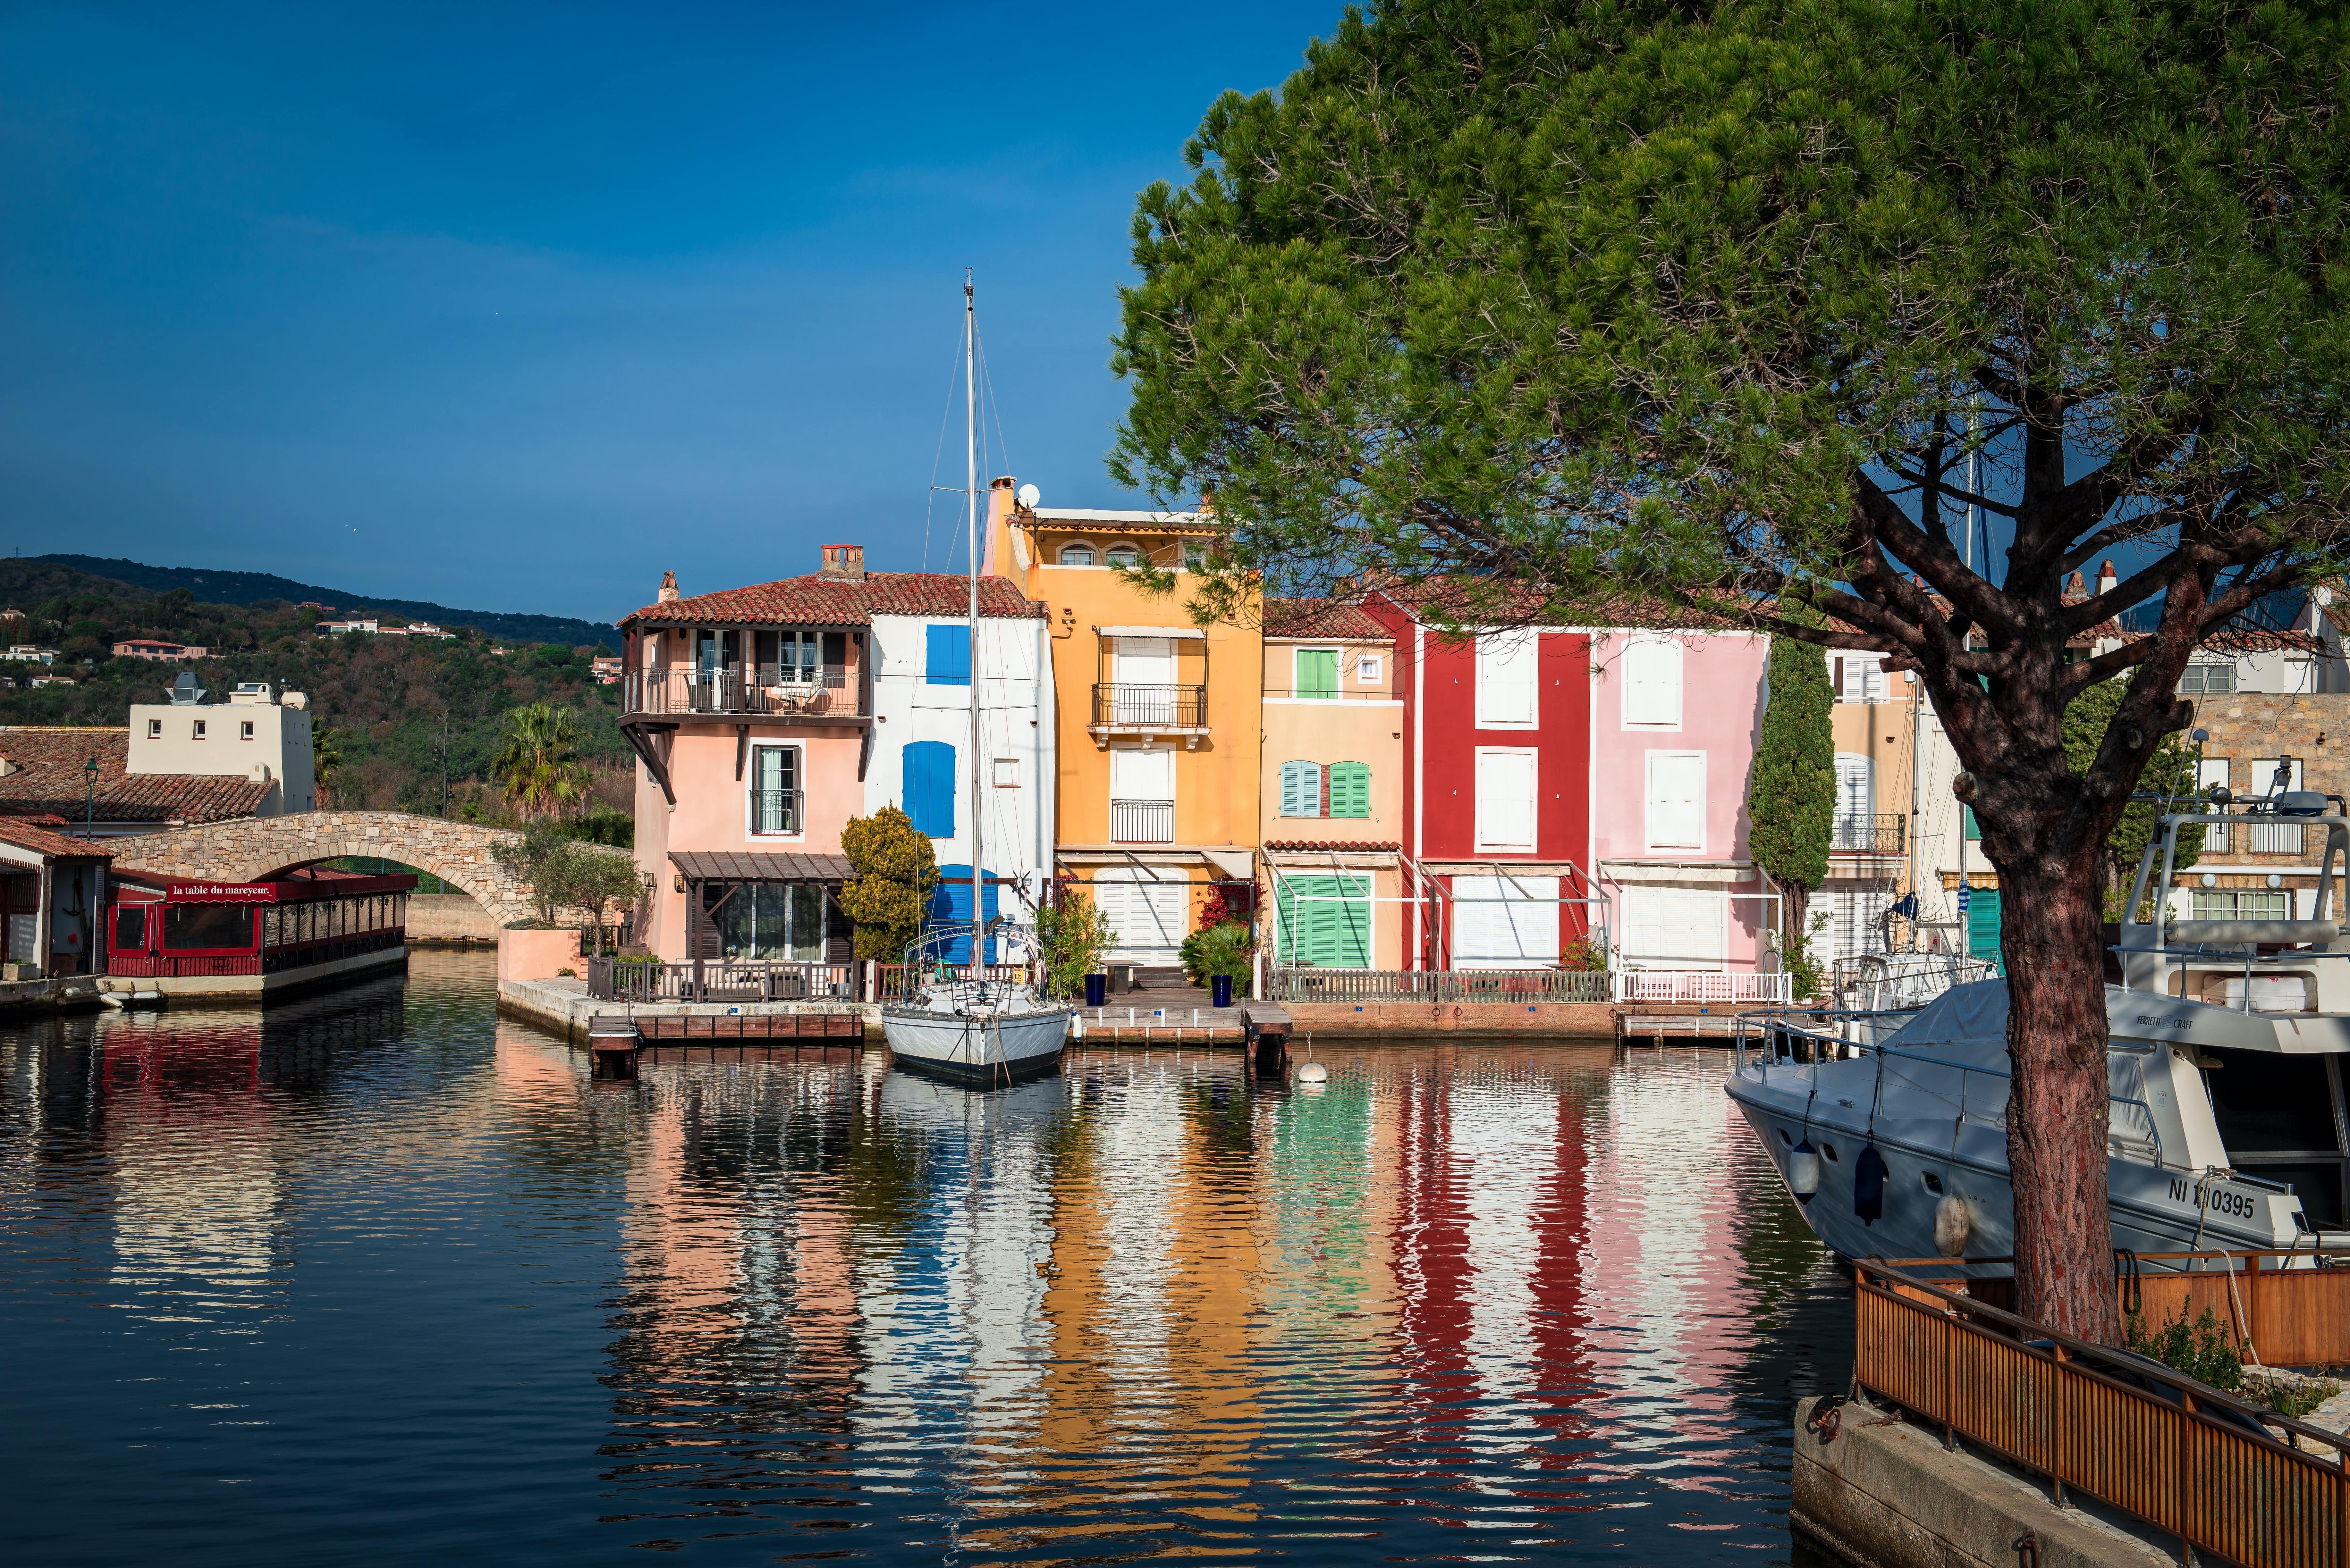 Marche immobilier 2020 - Golfe de Saint Tropez Port Grimaud - Logiservice - @gillesdenice